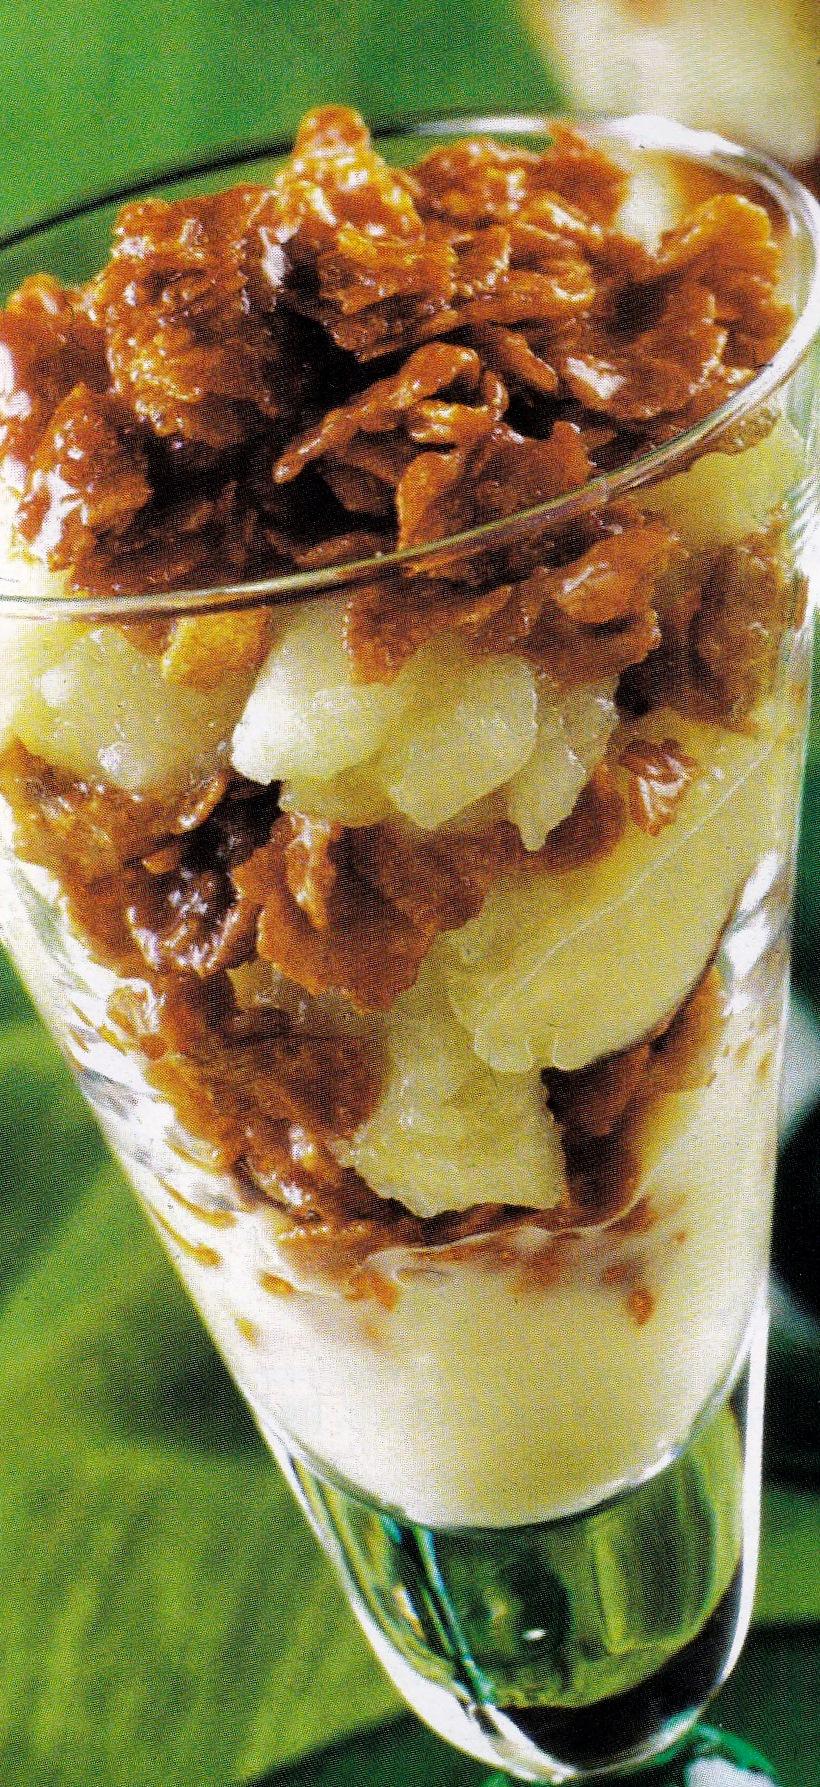 Μήλα τραγανιστά με σοκολάτα